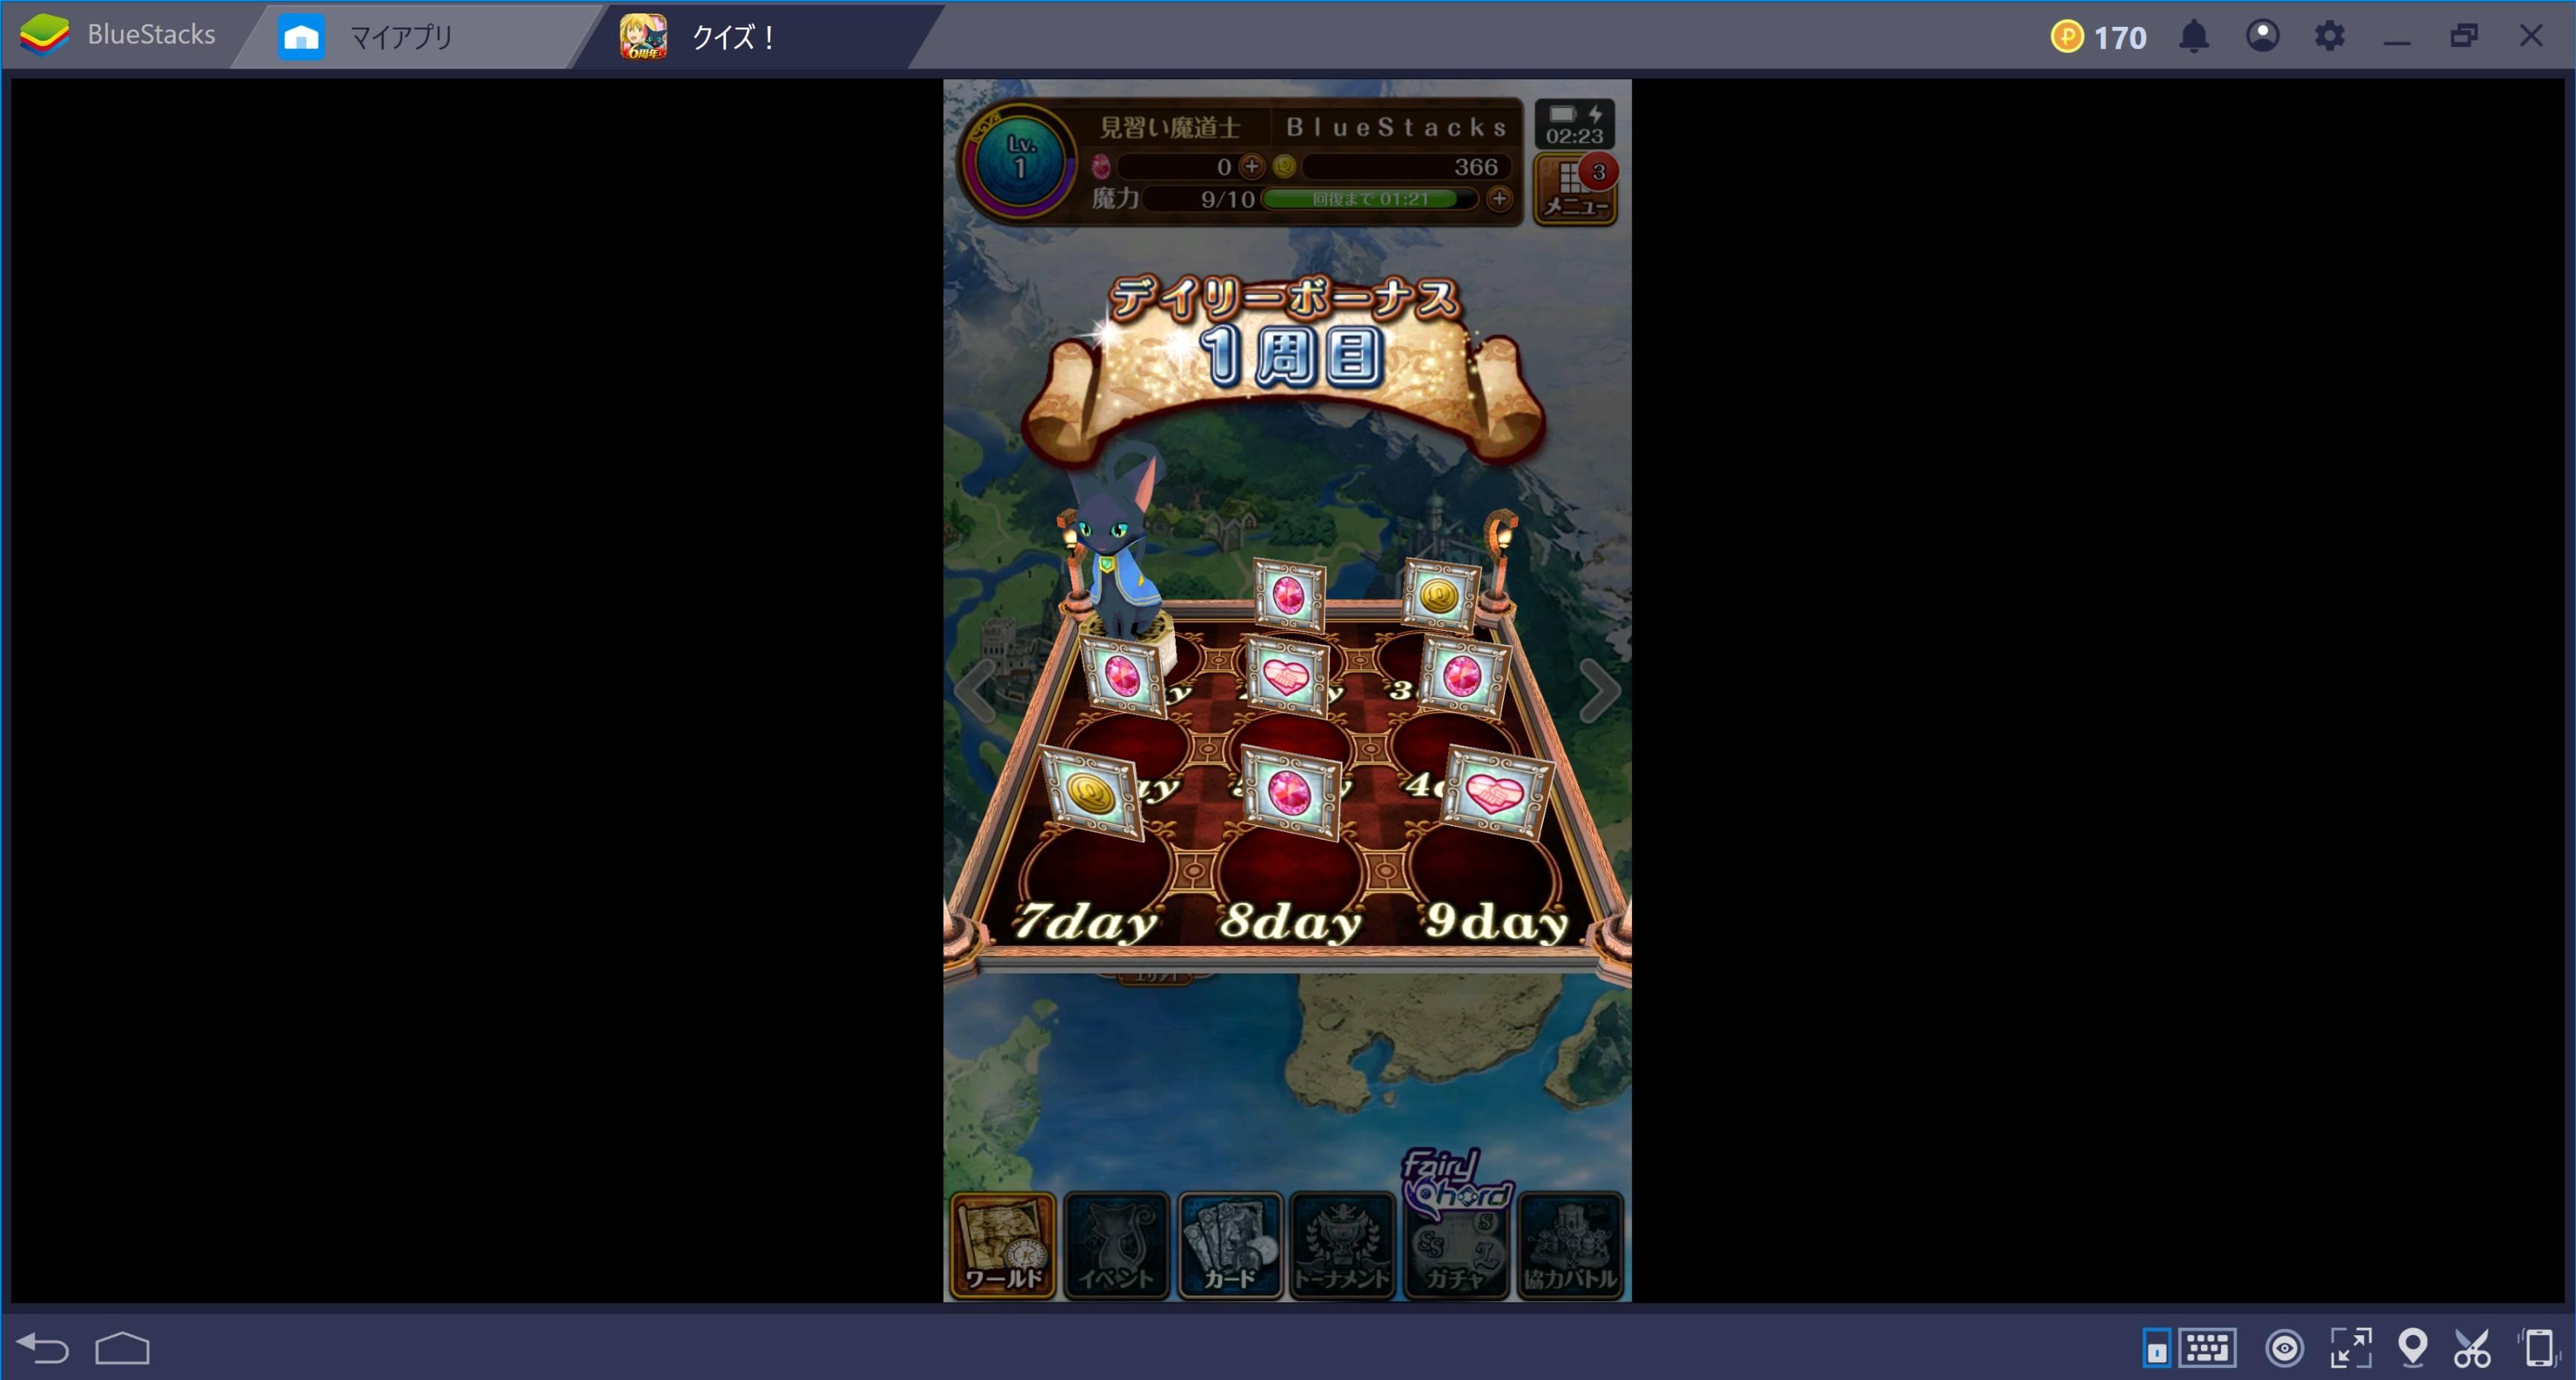 『クイズRPG 魔法使いと黒猫のウィズ』をPCで、快適にプレイしましょう!